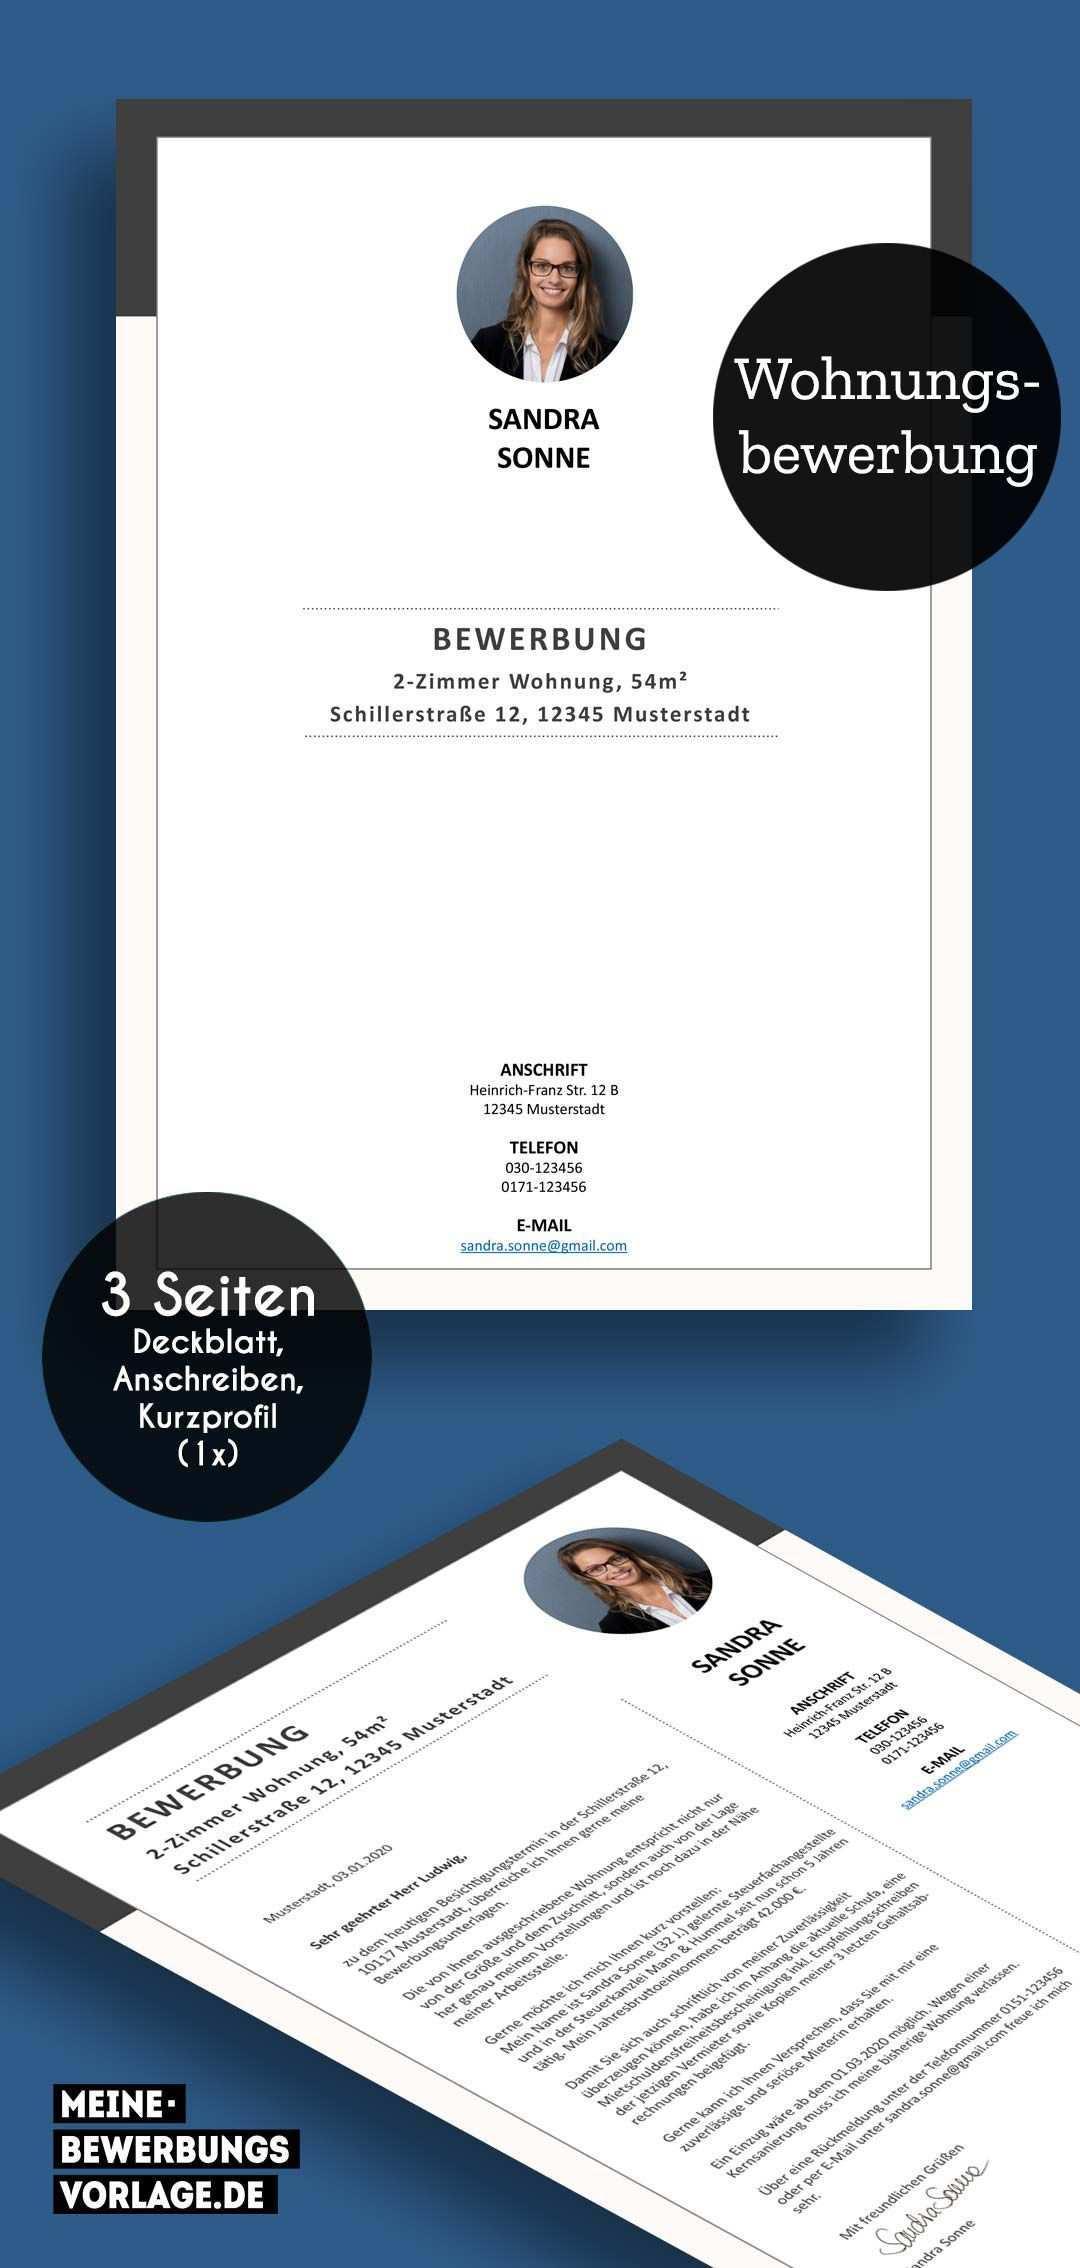 Wohnungsbewerbung Bewerbung Bewerbung Schreiben Flugblatt Design